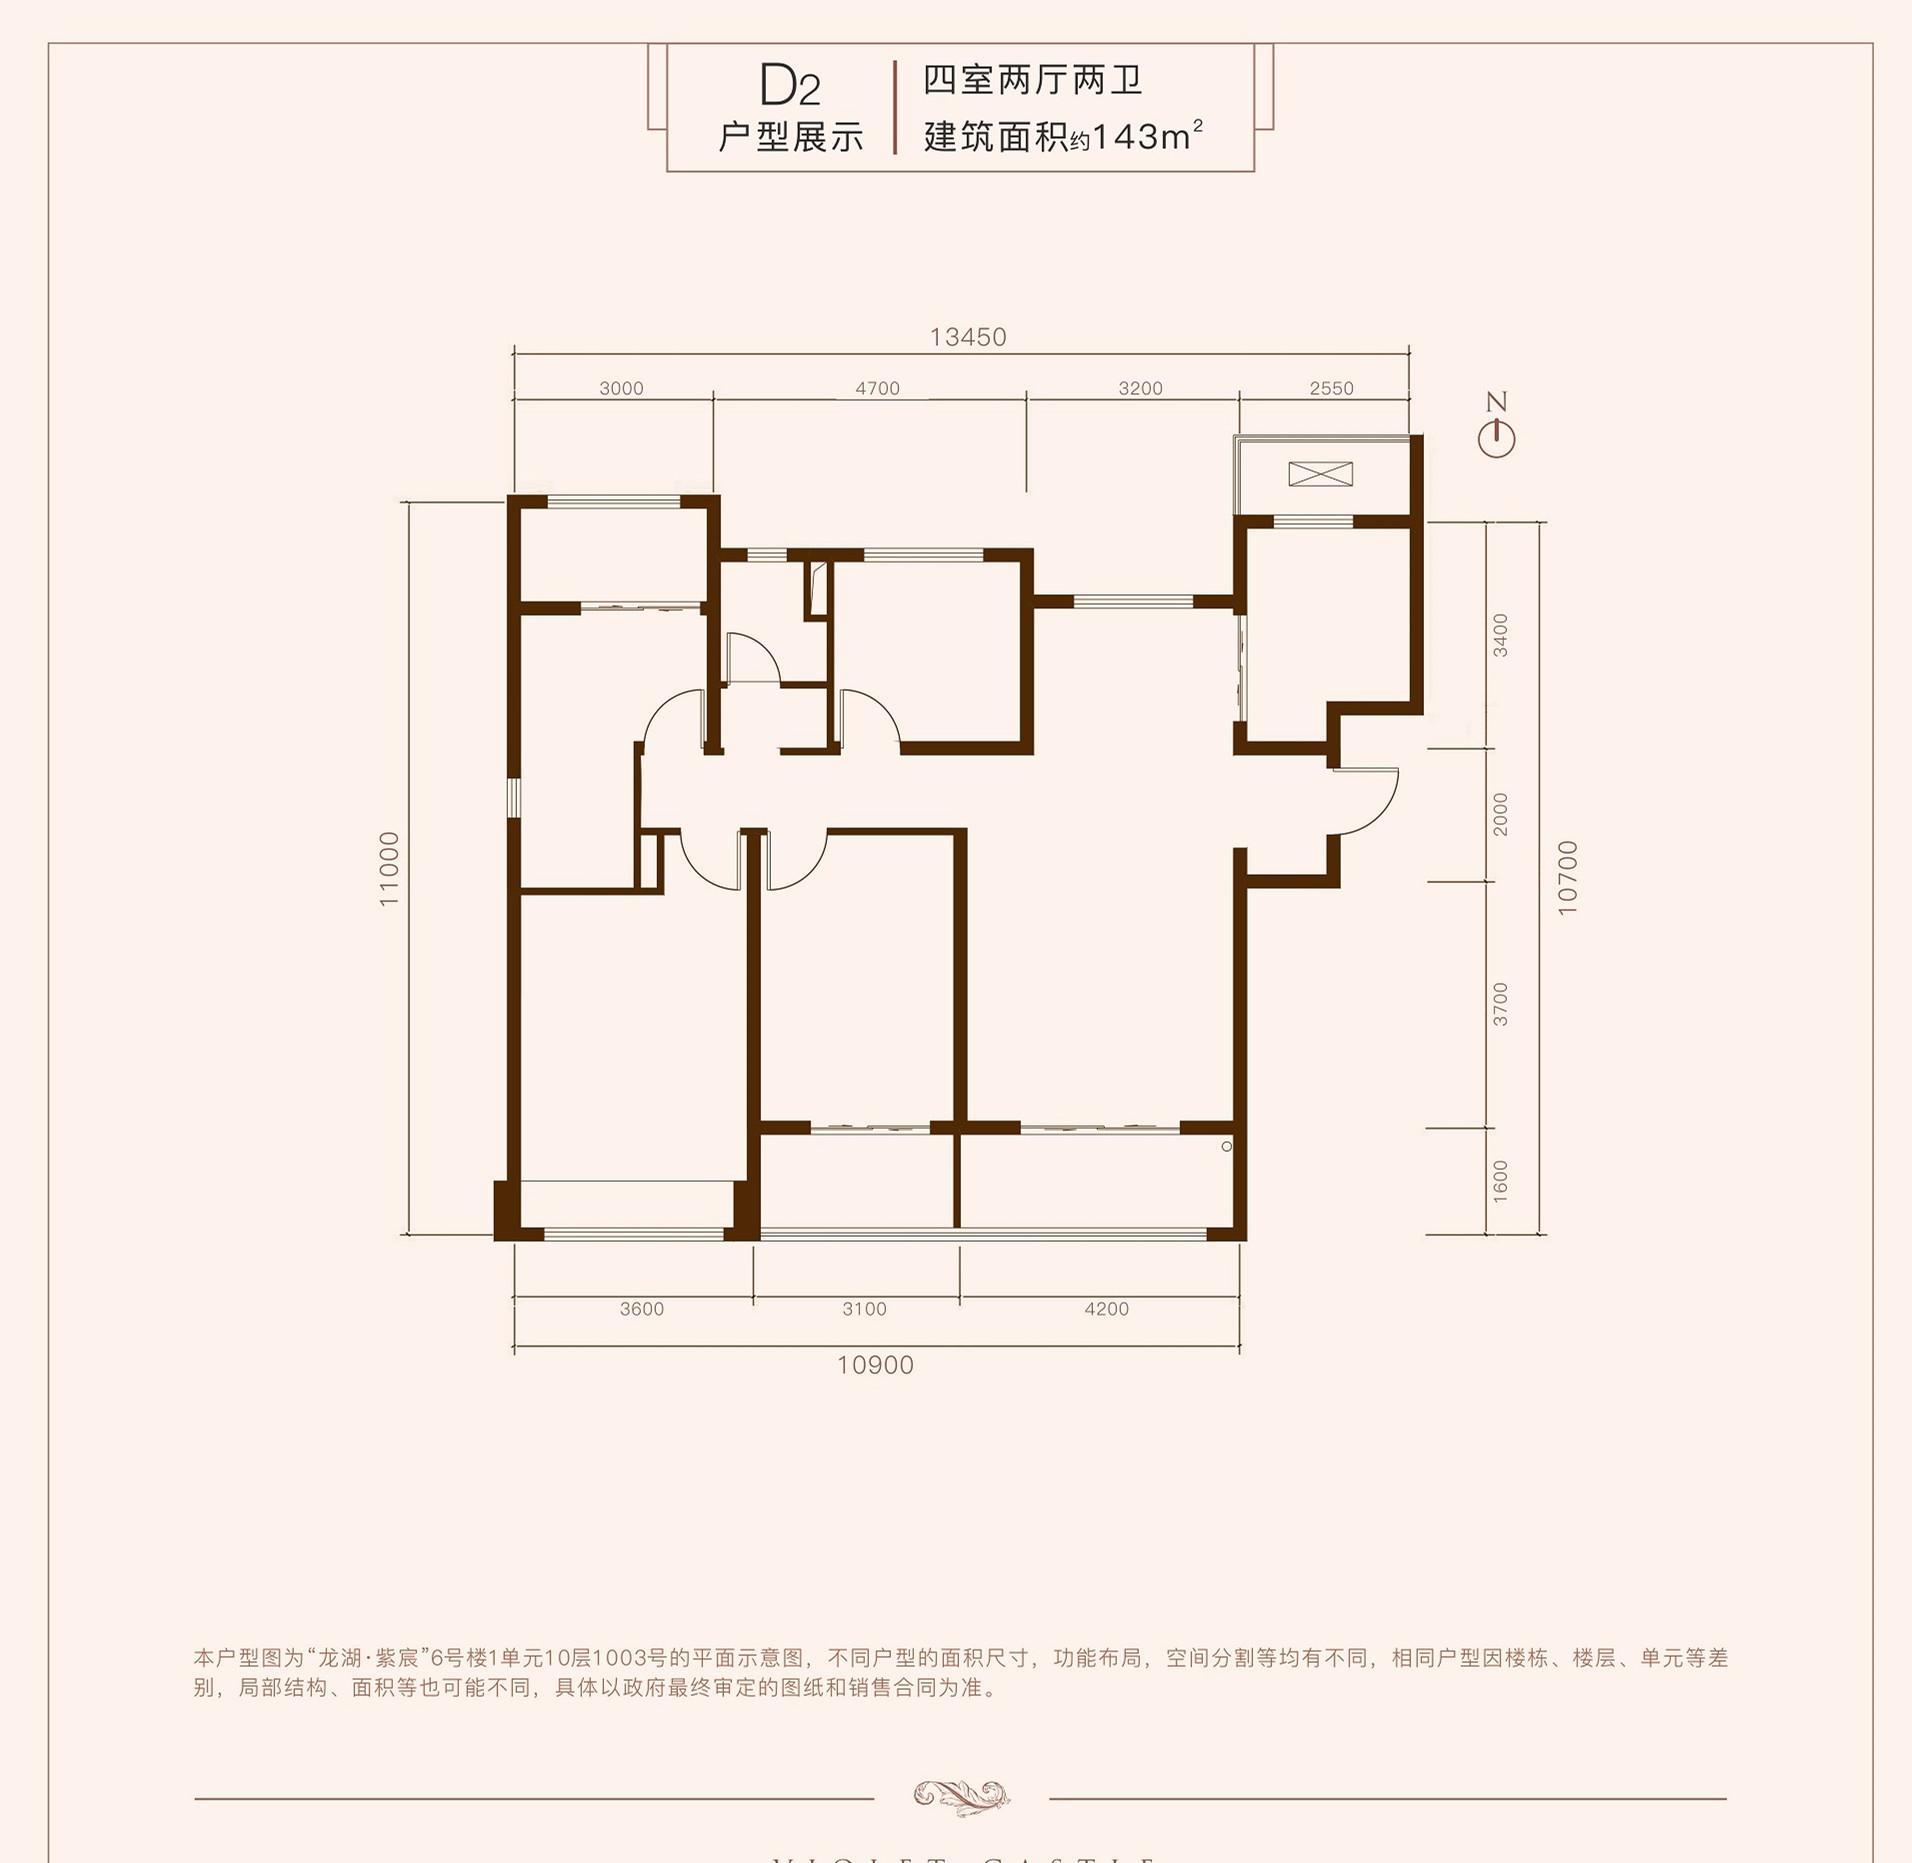 龙湖紫宸143㎡四室两厅两卫D2户型图